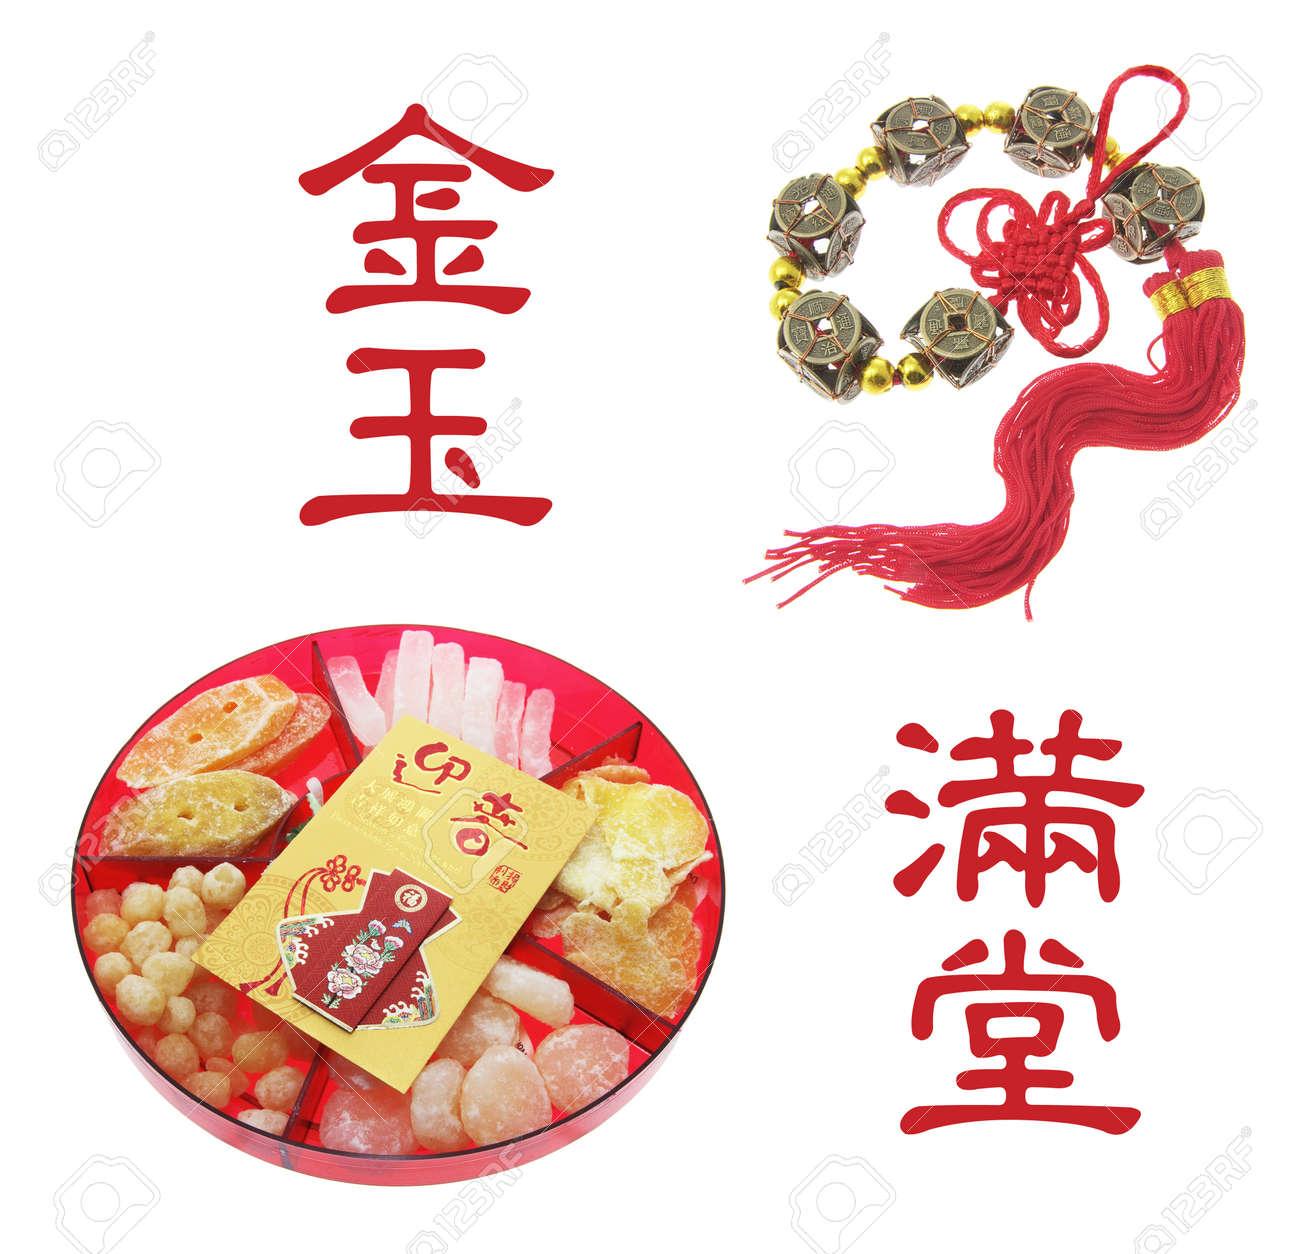 Grüße Zum Chinesischen Neujahr Lizenzfreie Fotos, Bilder Und Stock ...